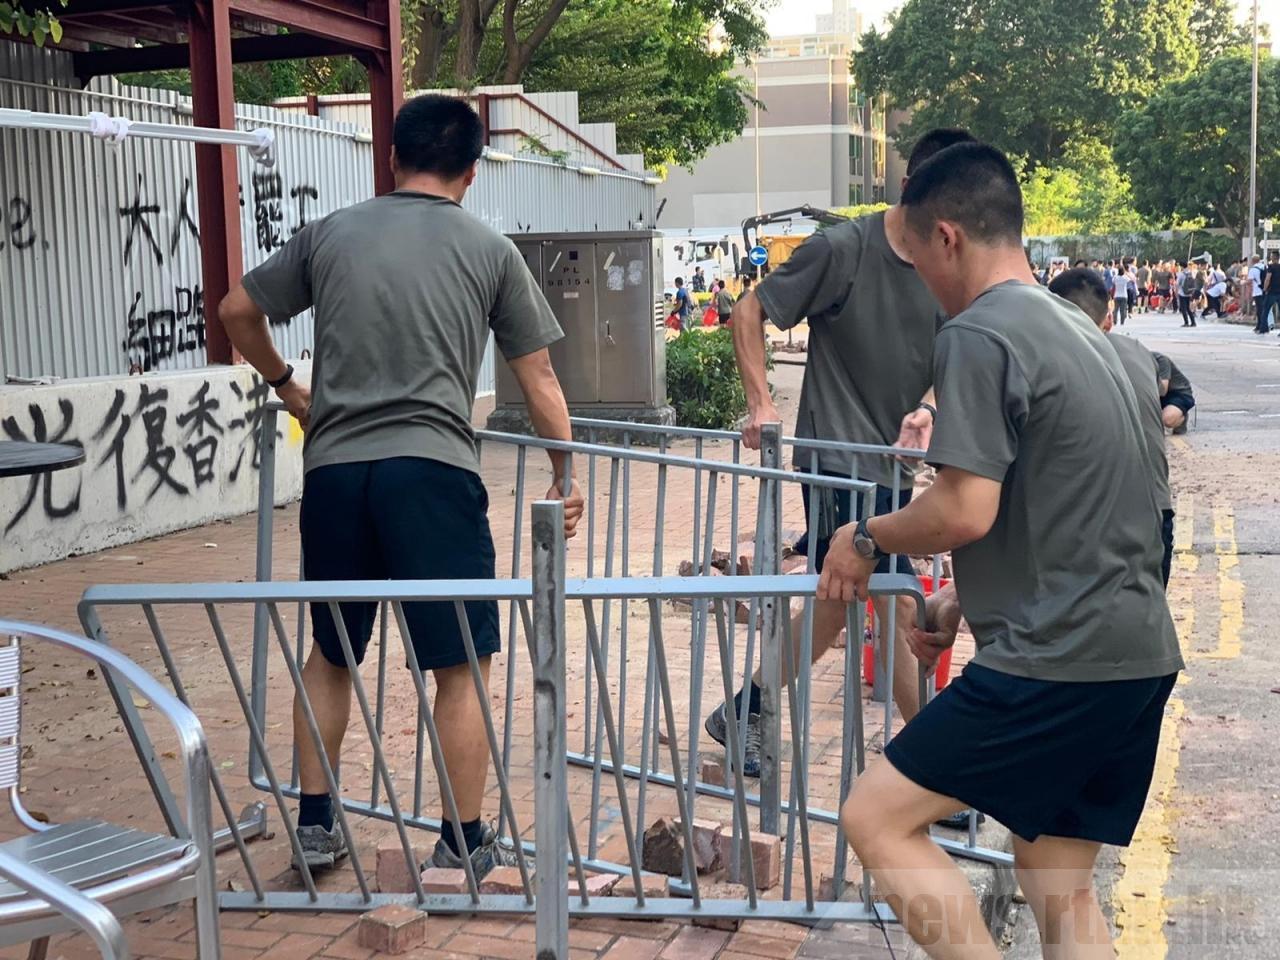 「反送中」網民發起的民間記者會,也直指駐港部隊步出軍營清理路障,明顯為溫水煮蛙。...